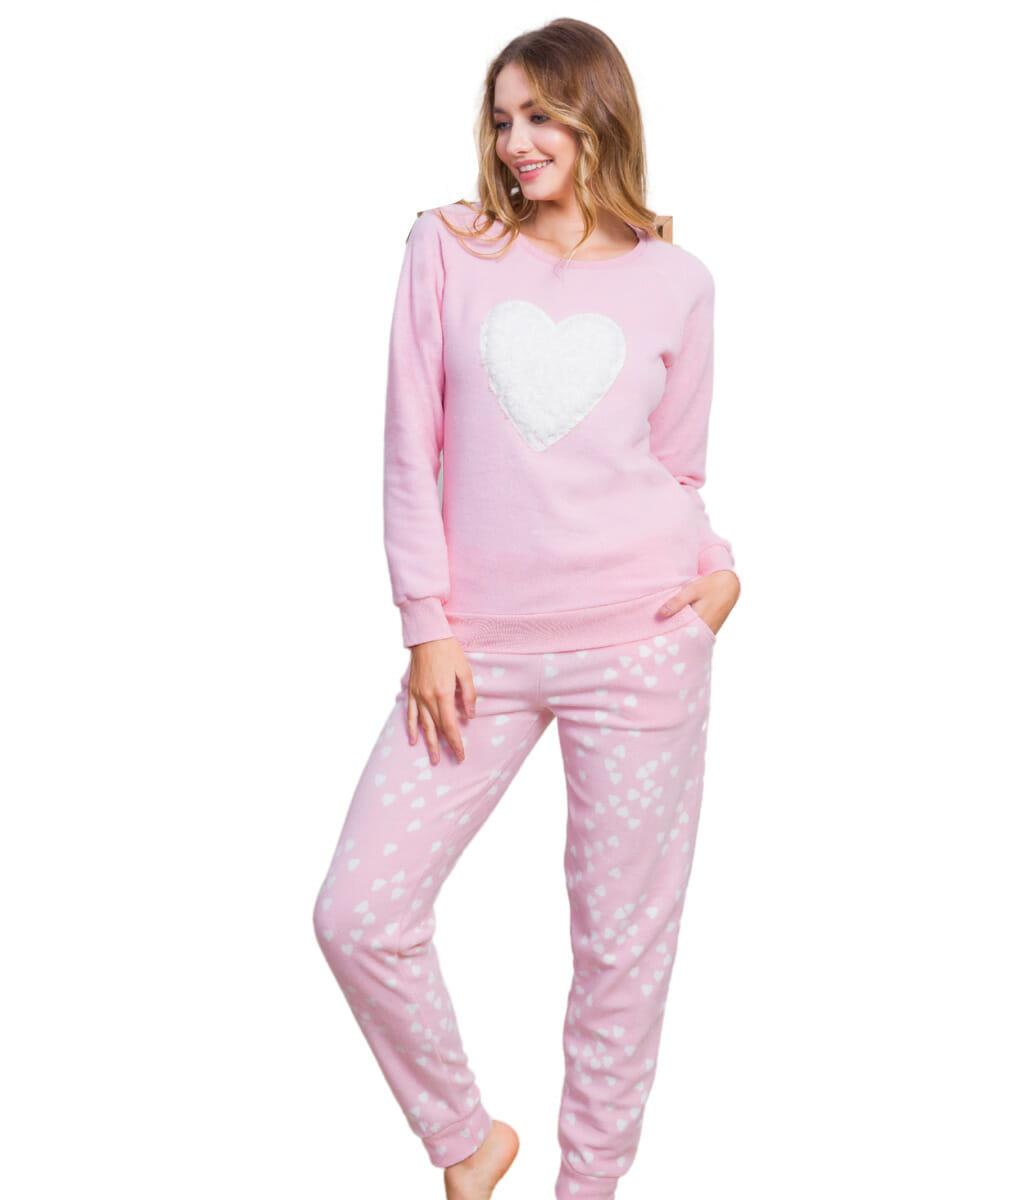 Ροζ γυναικεία πυτζάμα fleece με σχέδιο